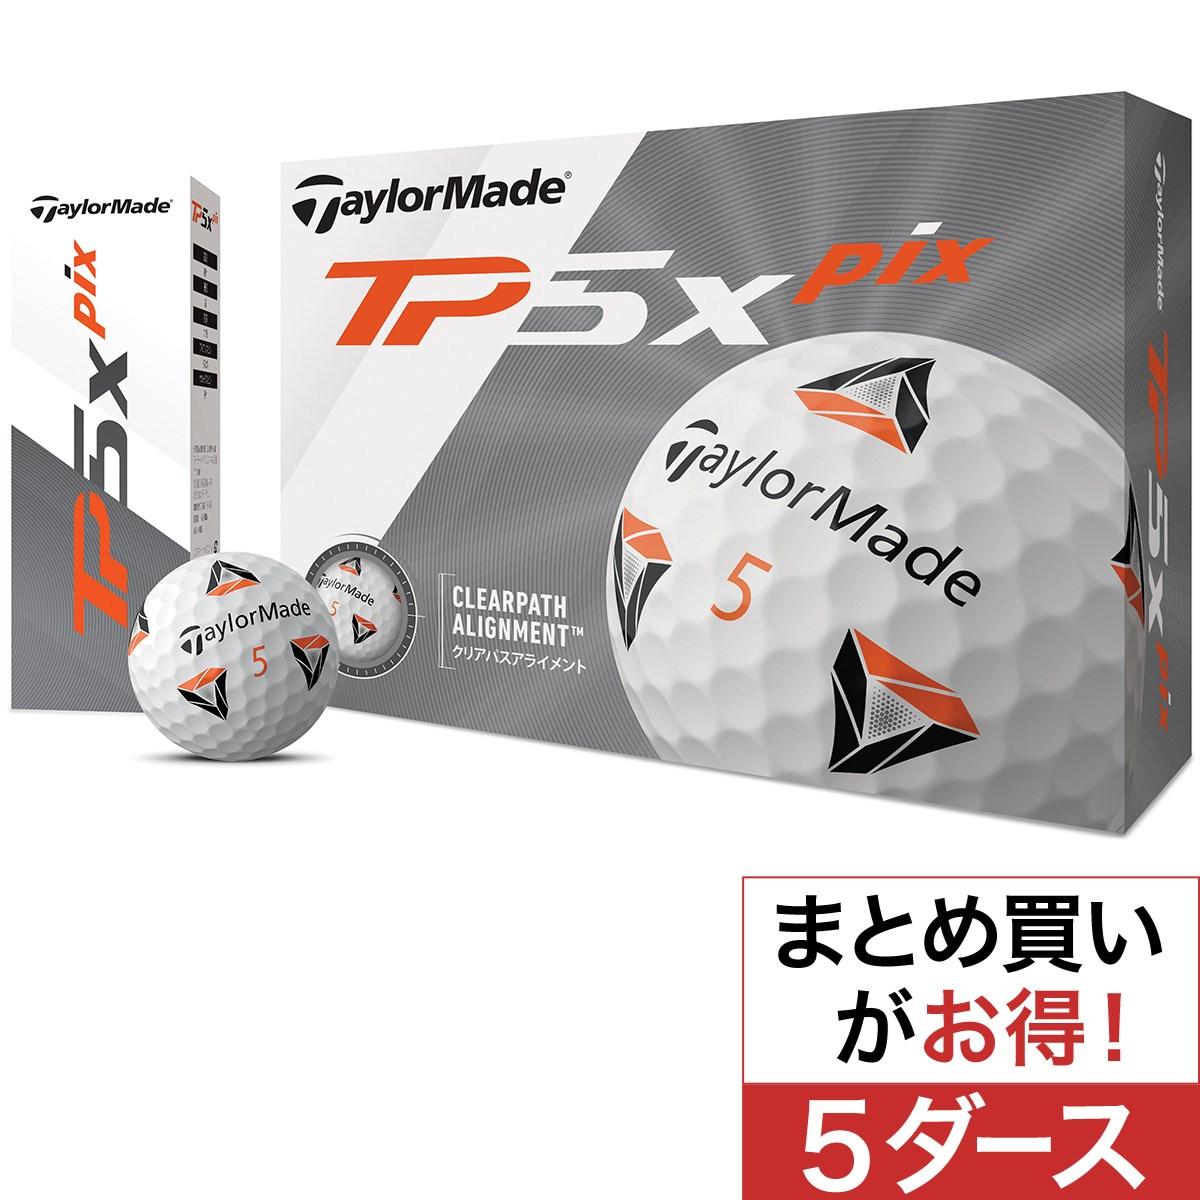 テーラーメイド(Taylor Made) TP5x pix ボール 5ダースセット